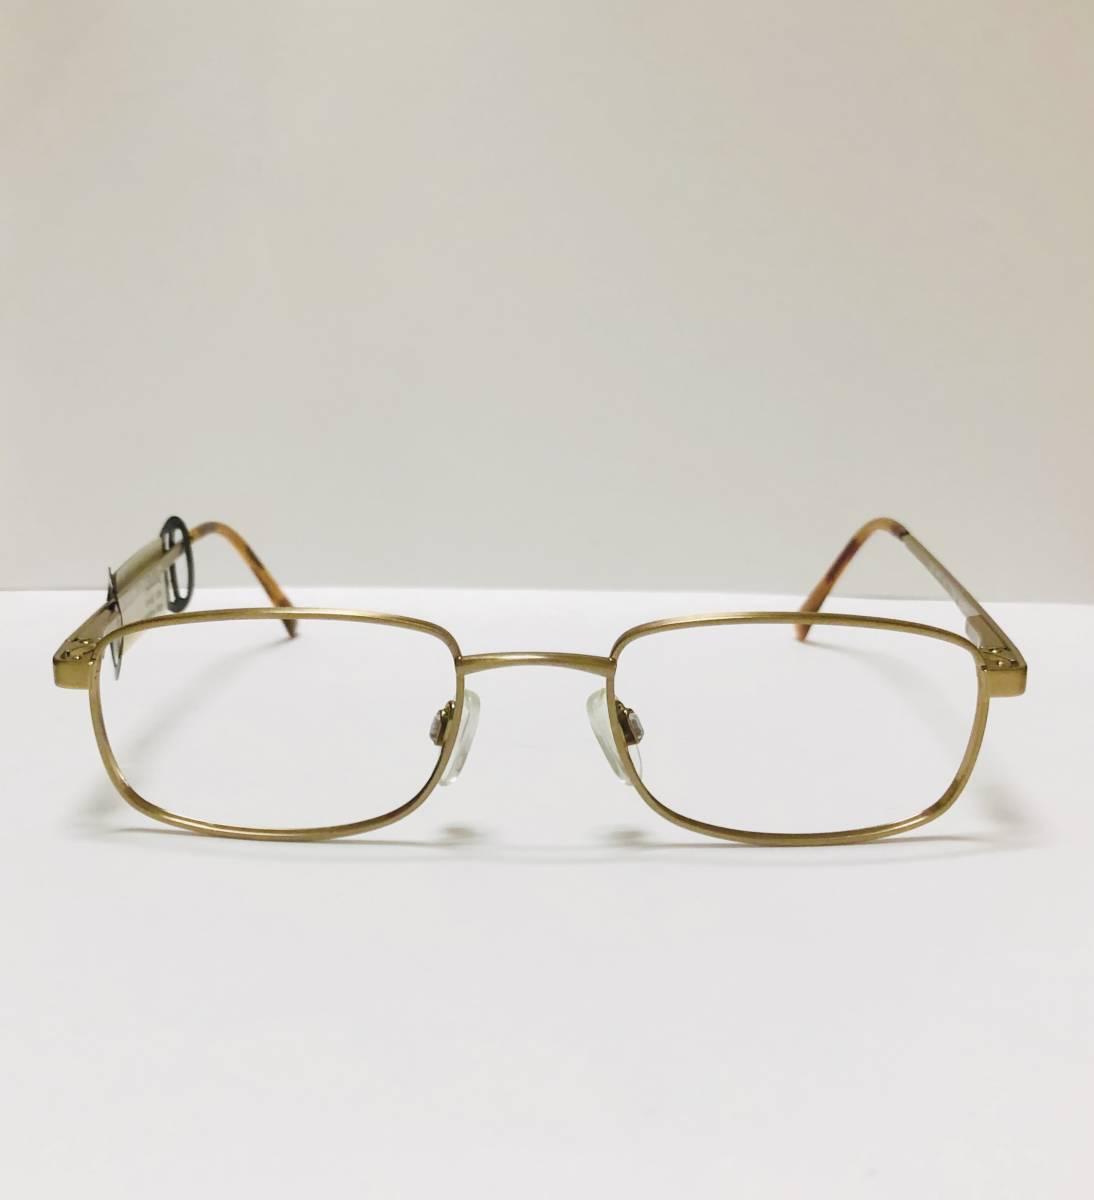 【1980年代・新品】 TITMUS 米国製 希少 鼈甲柄 タグ付き メガネ ビンテージ ヴィンテージ_画像1